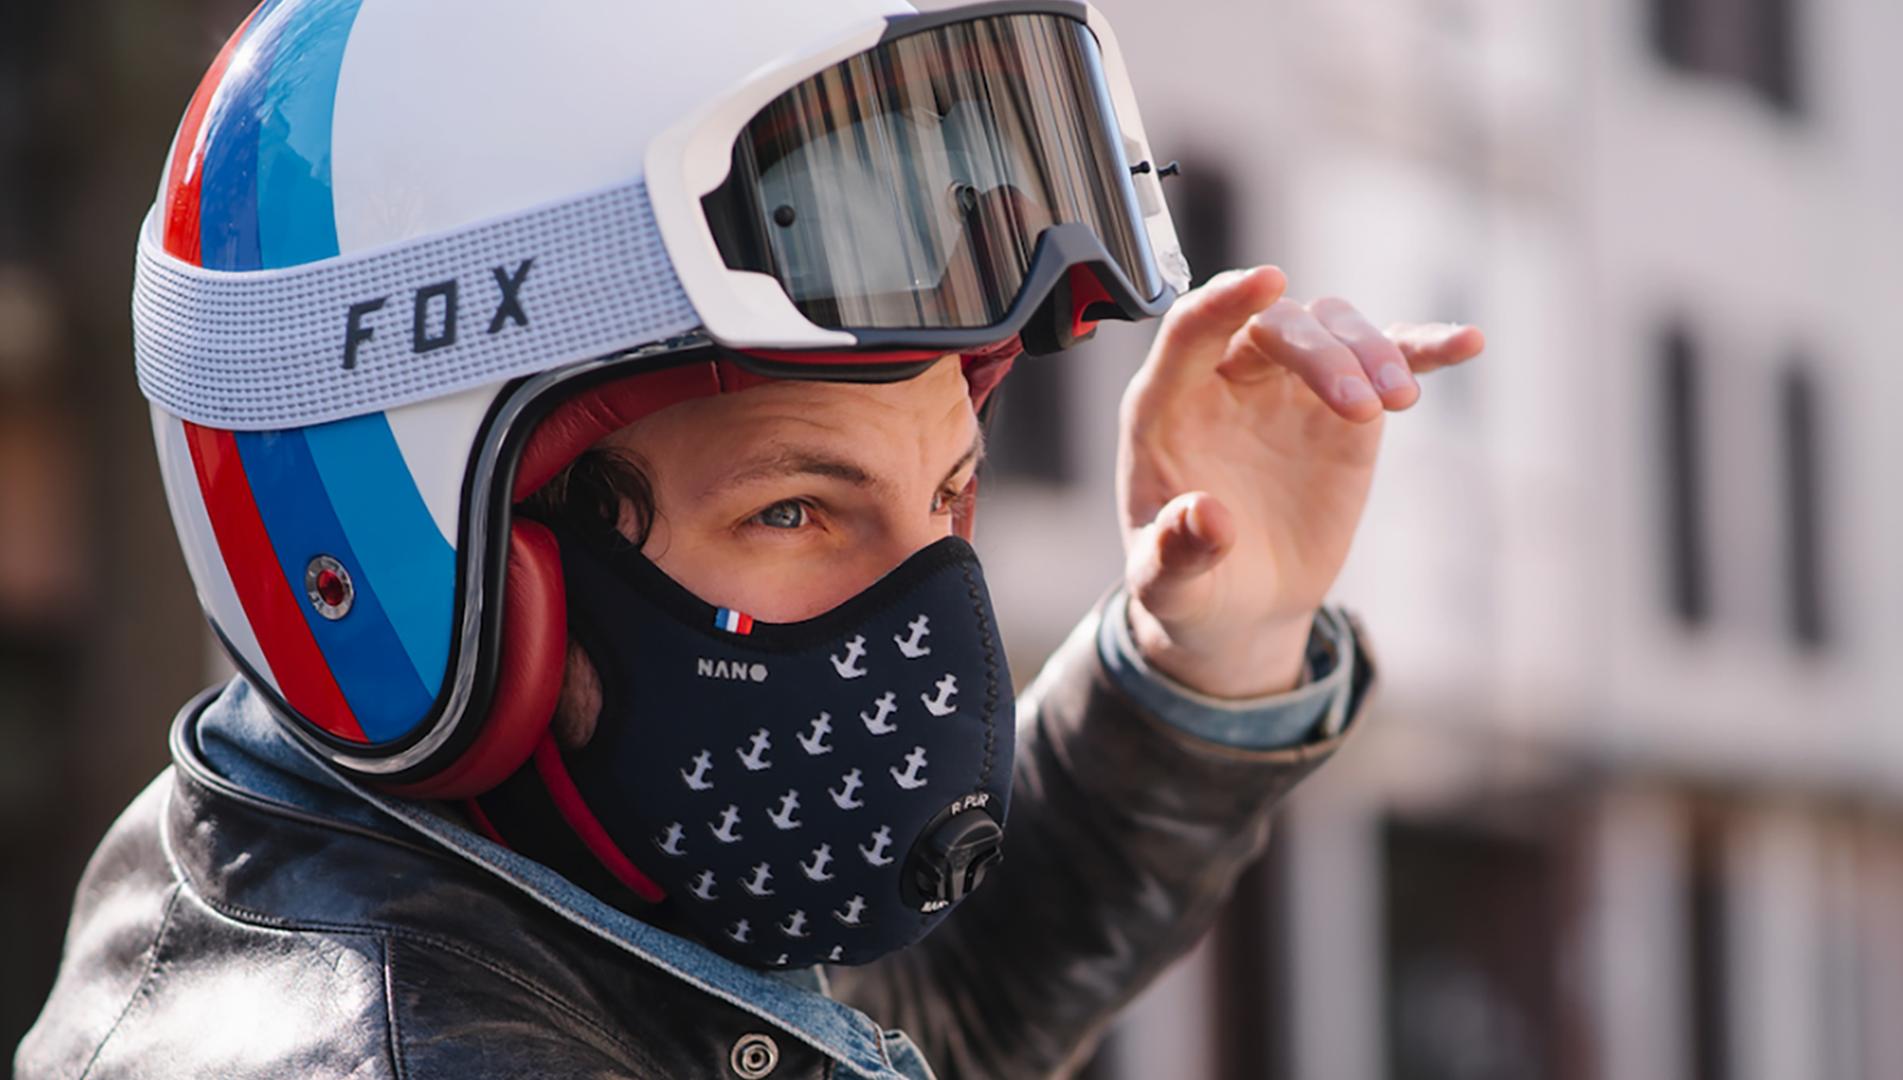 masque anti pollution nano v2